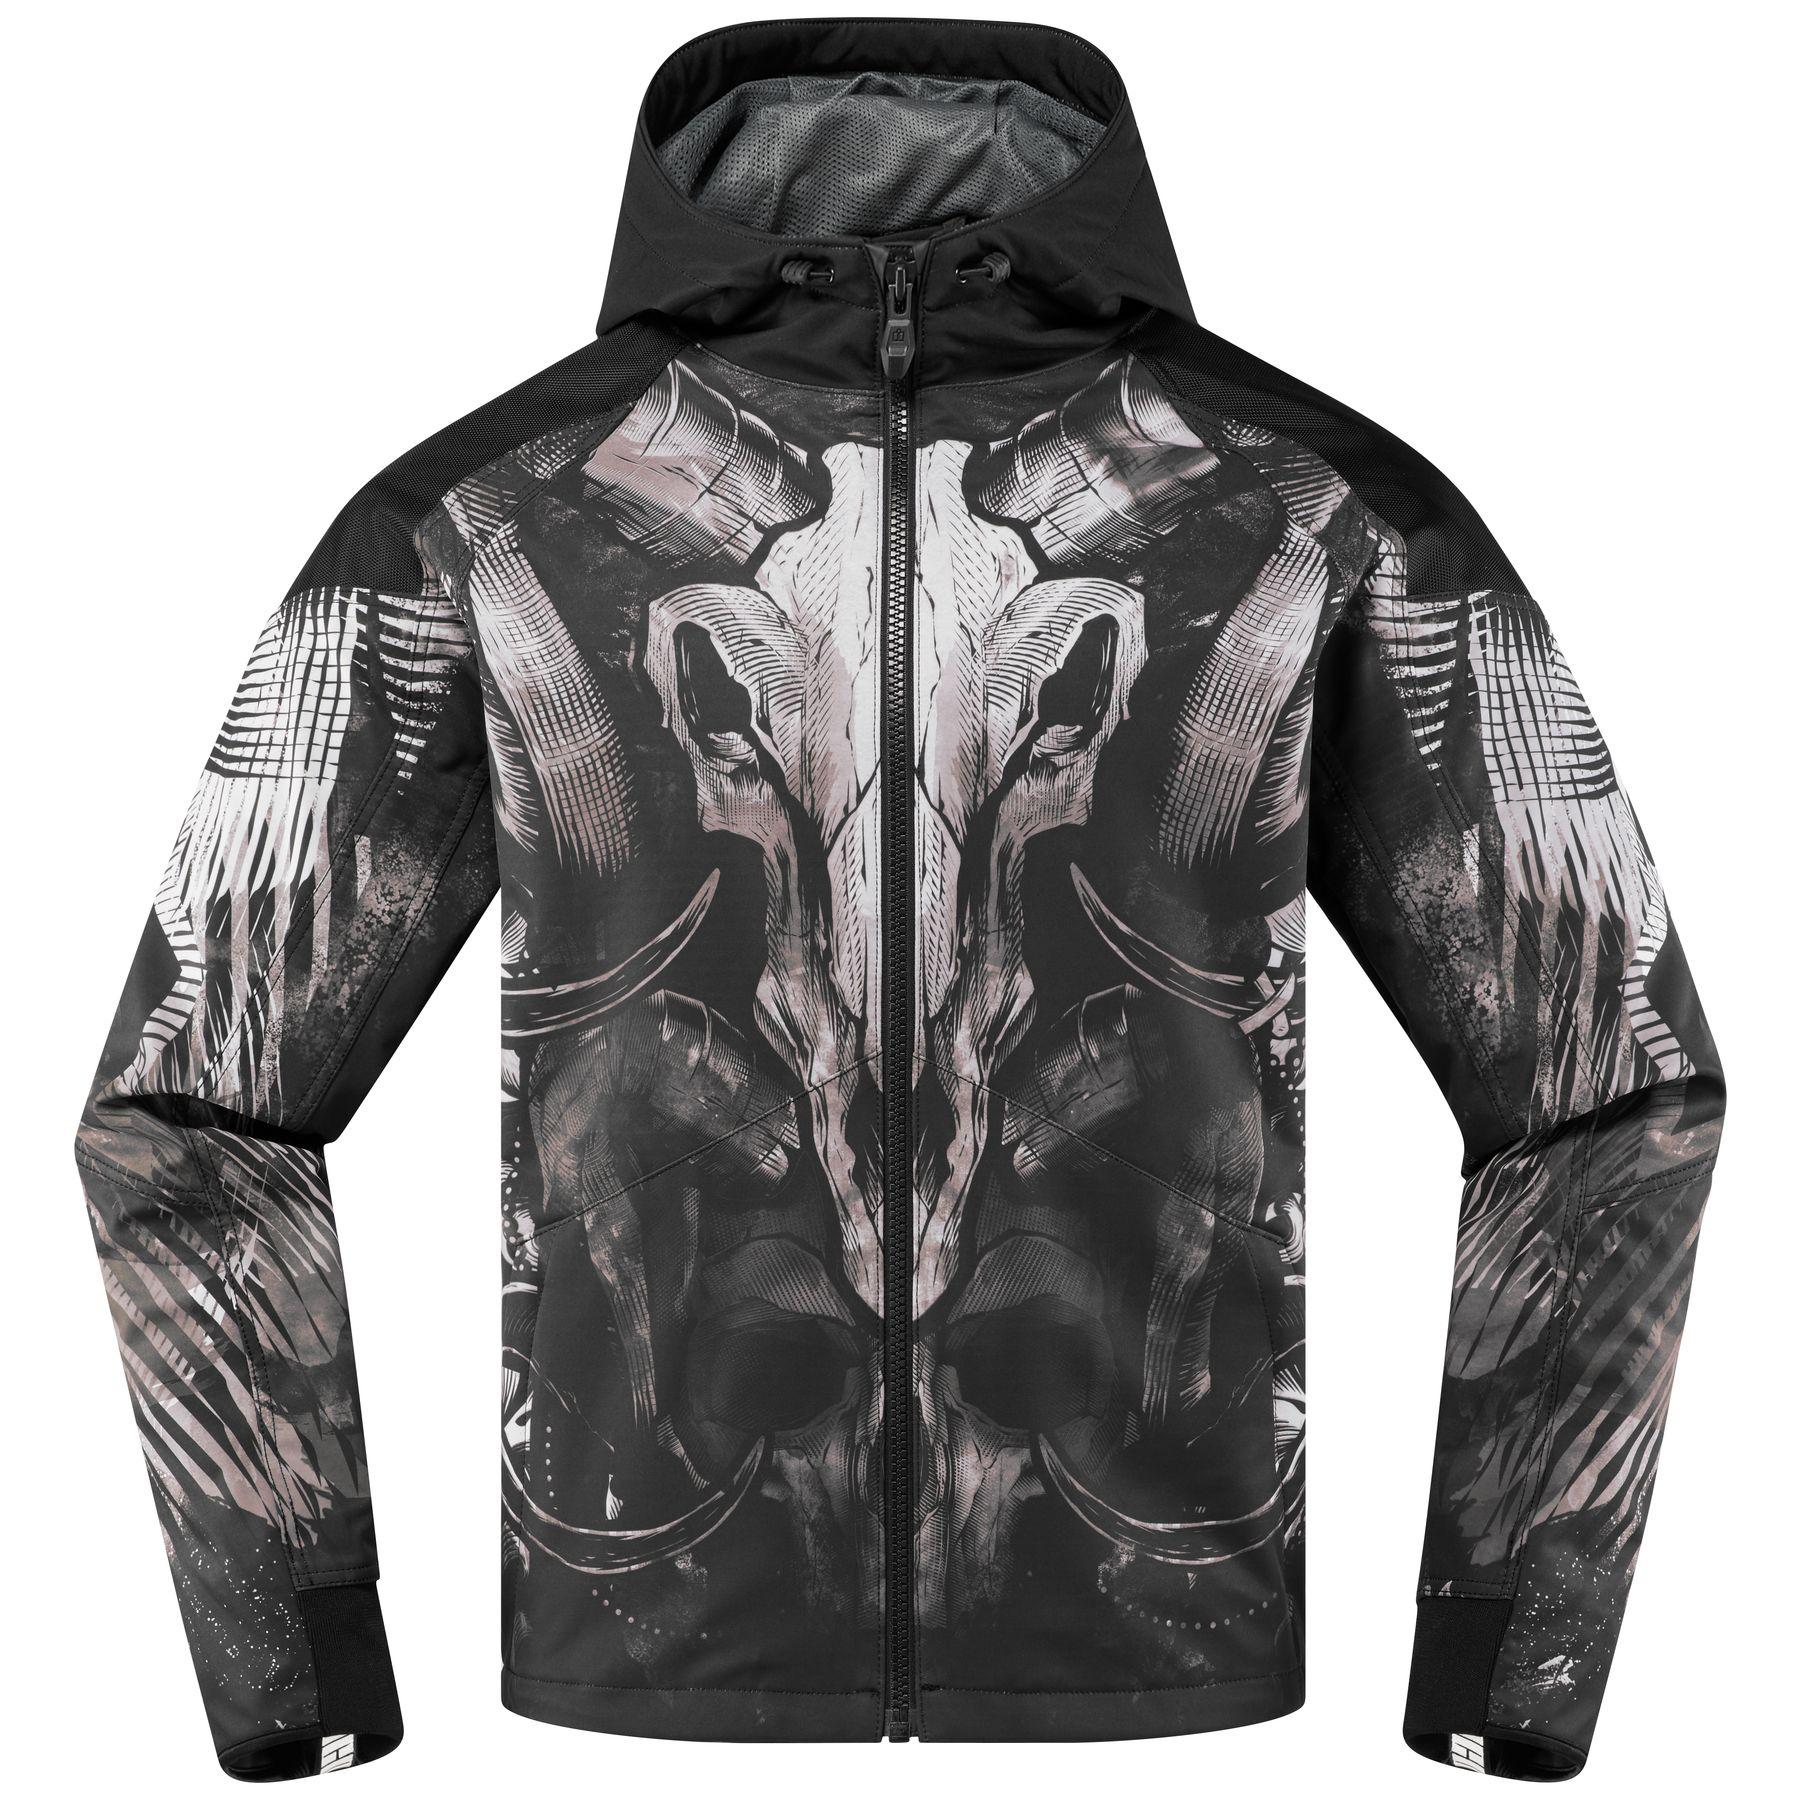 Icon Merc Cloven Jacket